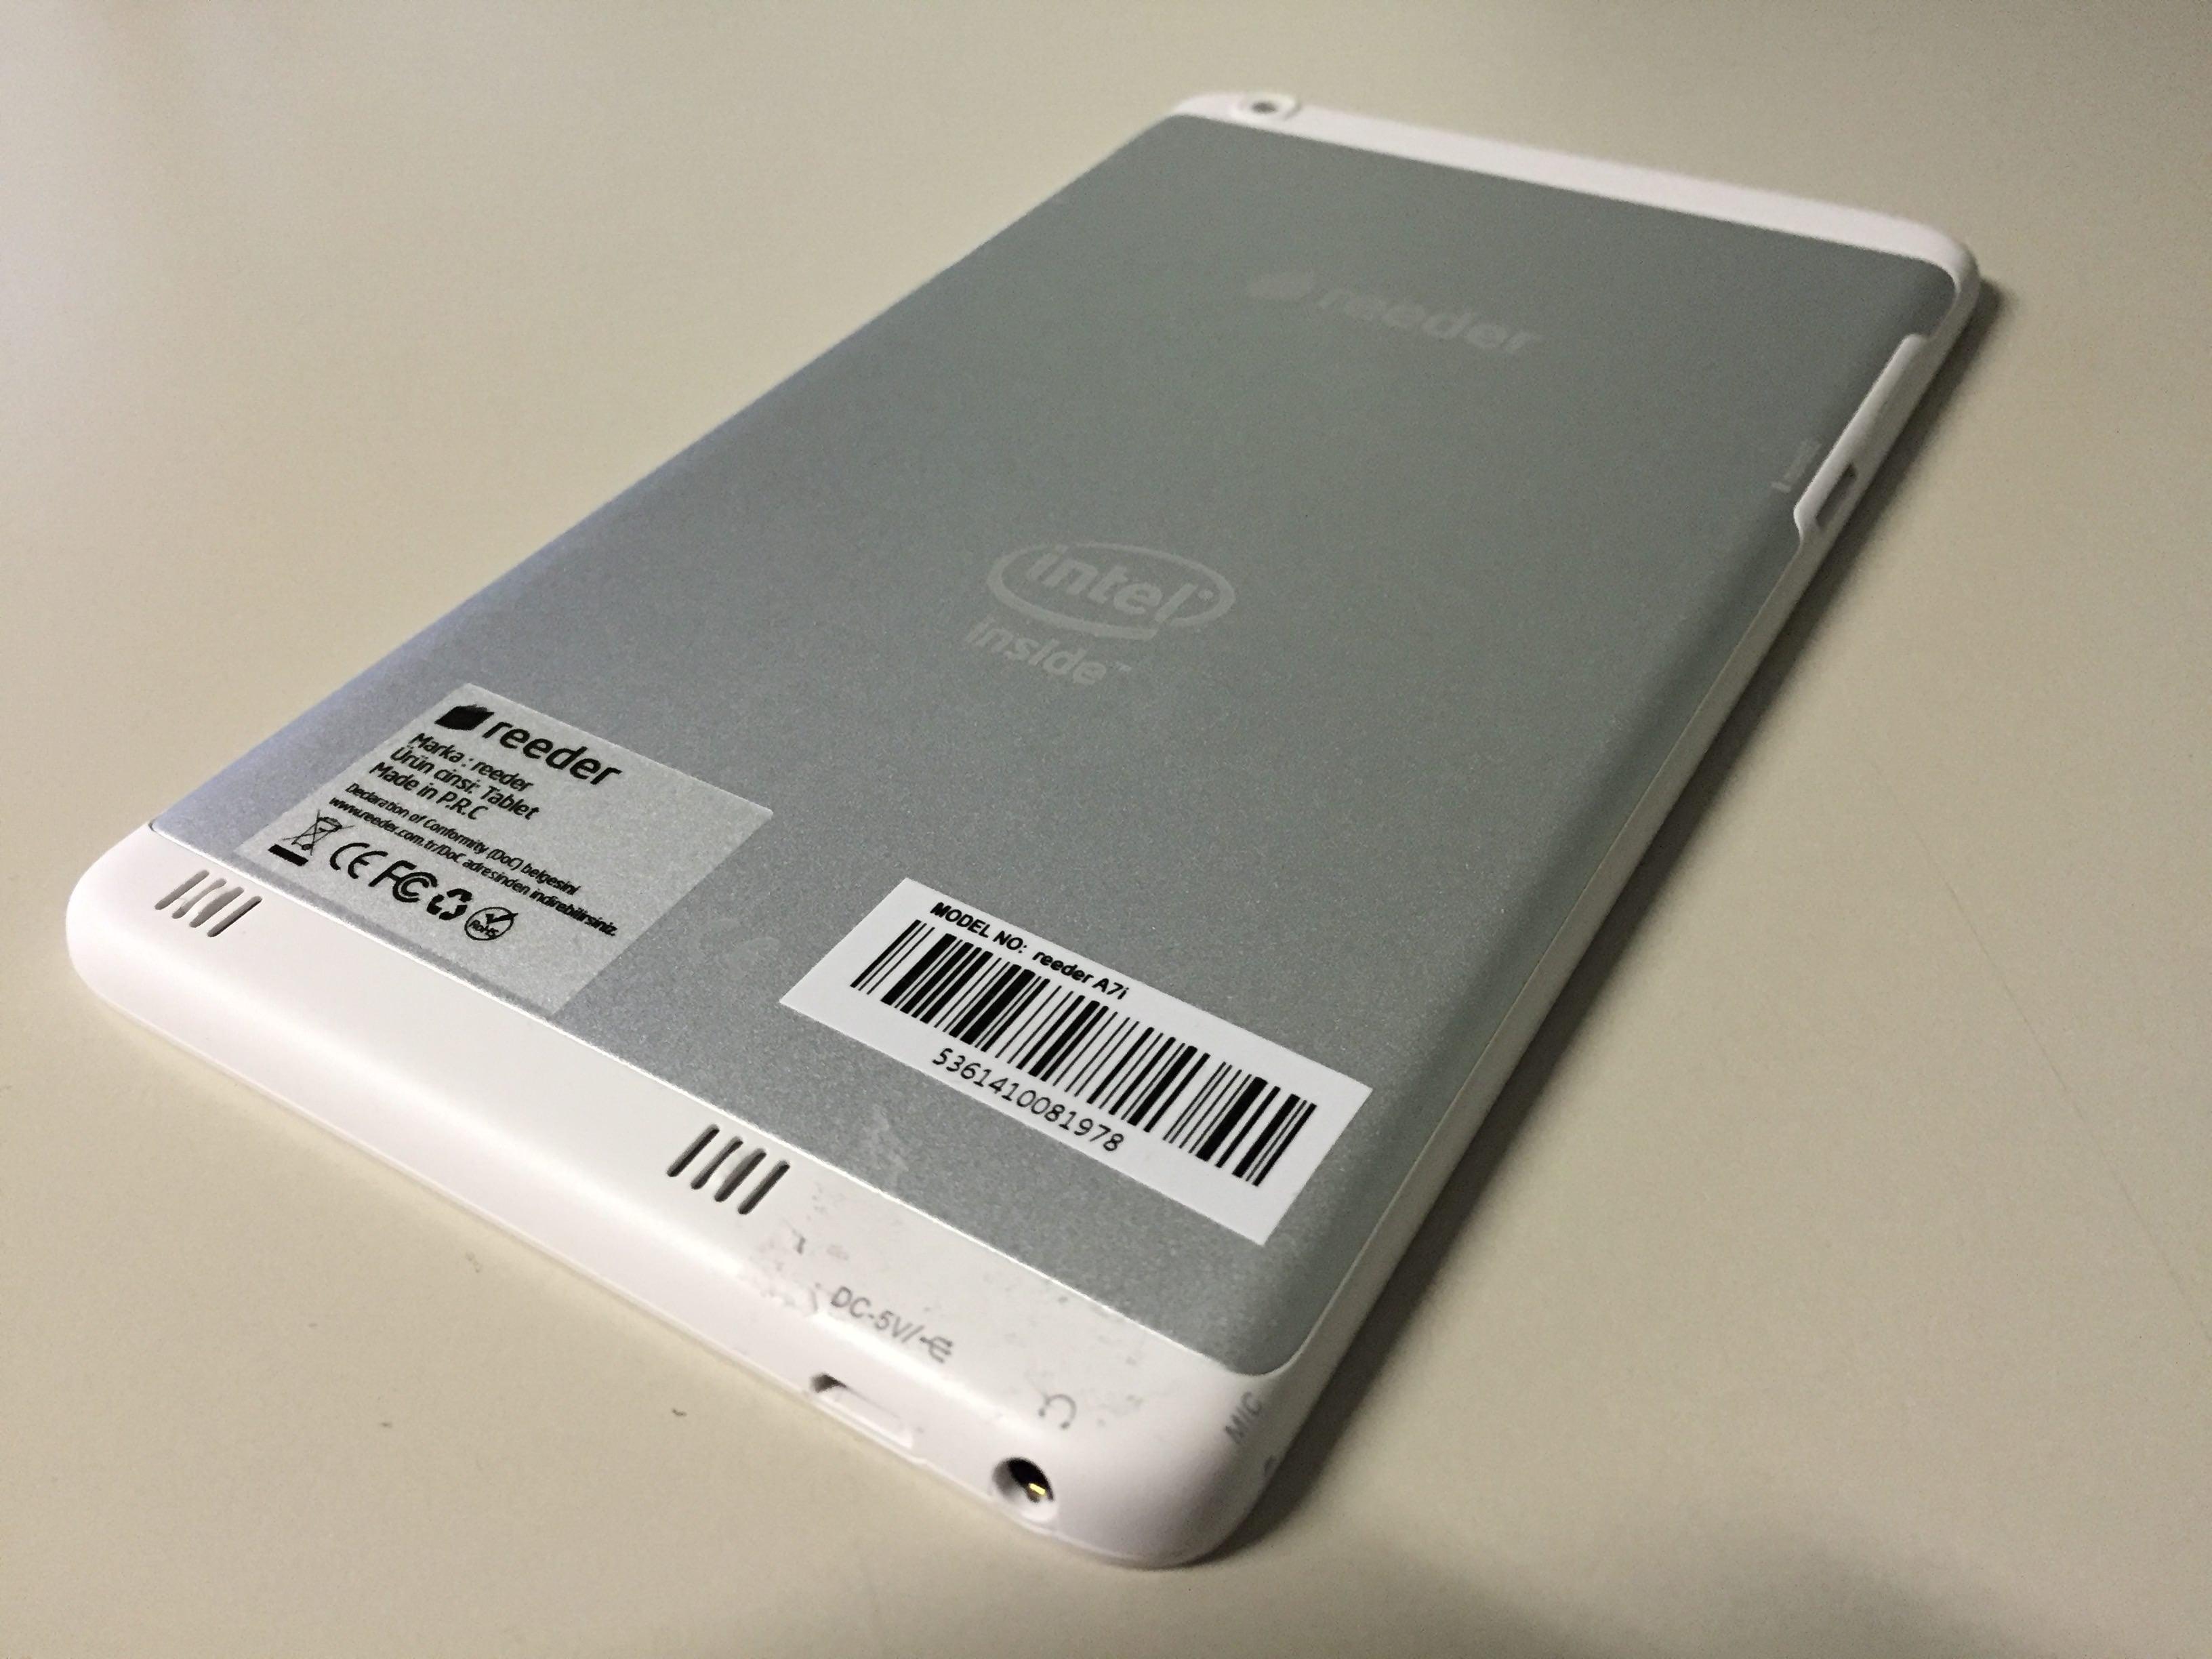 İntel Reeder A7is Metal Telefon Özelliği Açma